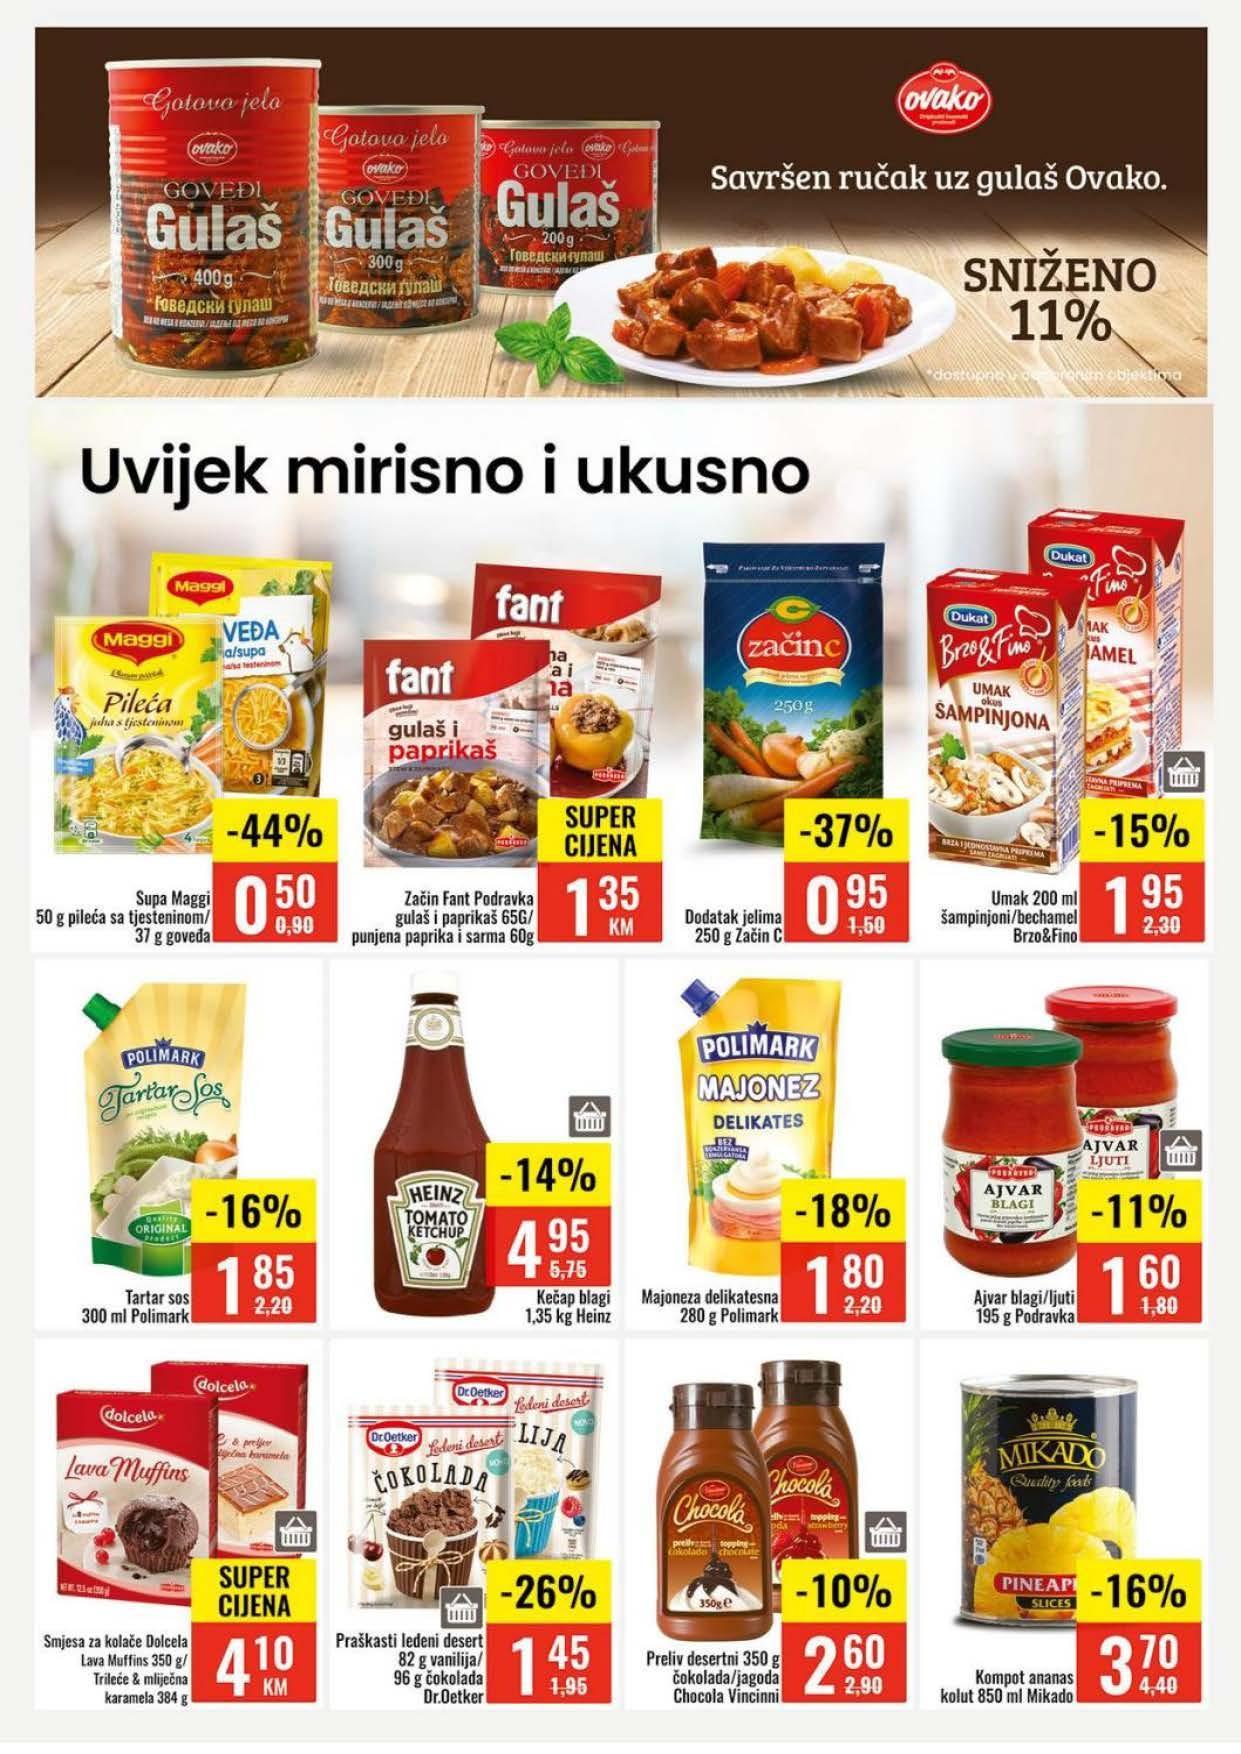 BINGO Katalog Kataloska akcija JUN 2021 15.6. 27.6. eKatalozi.com PR Page 08